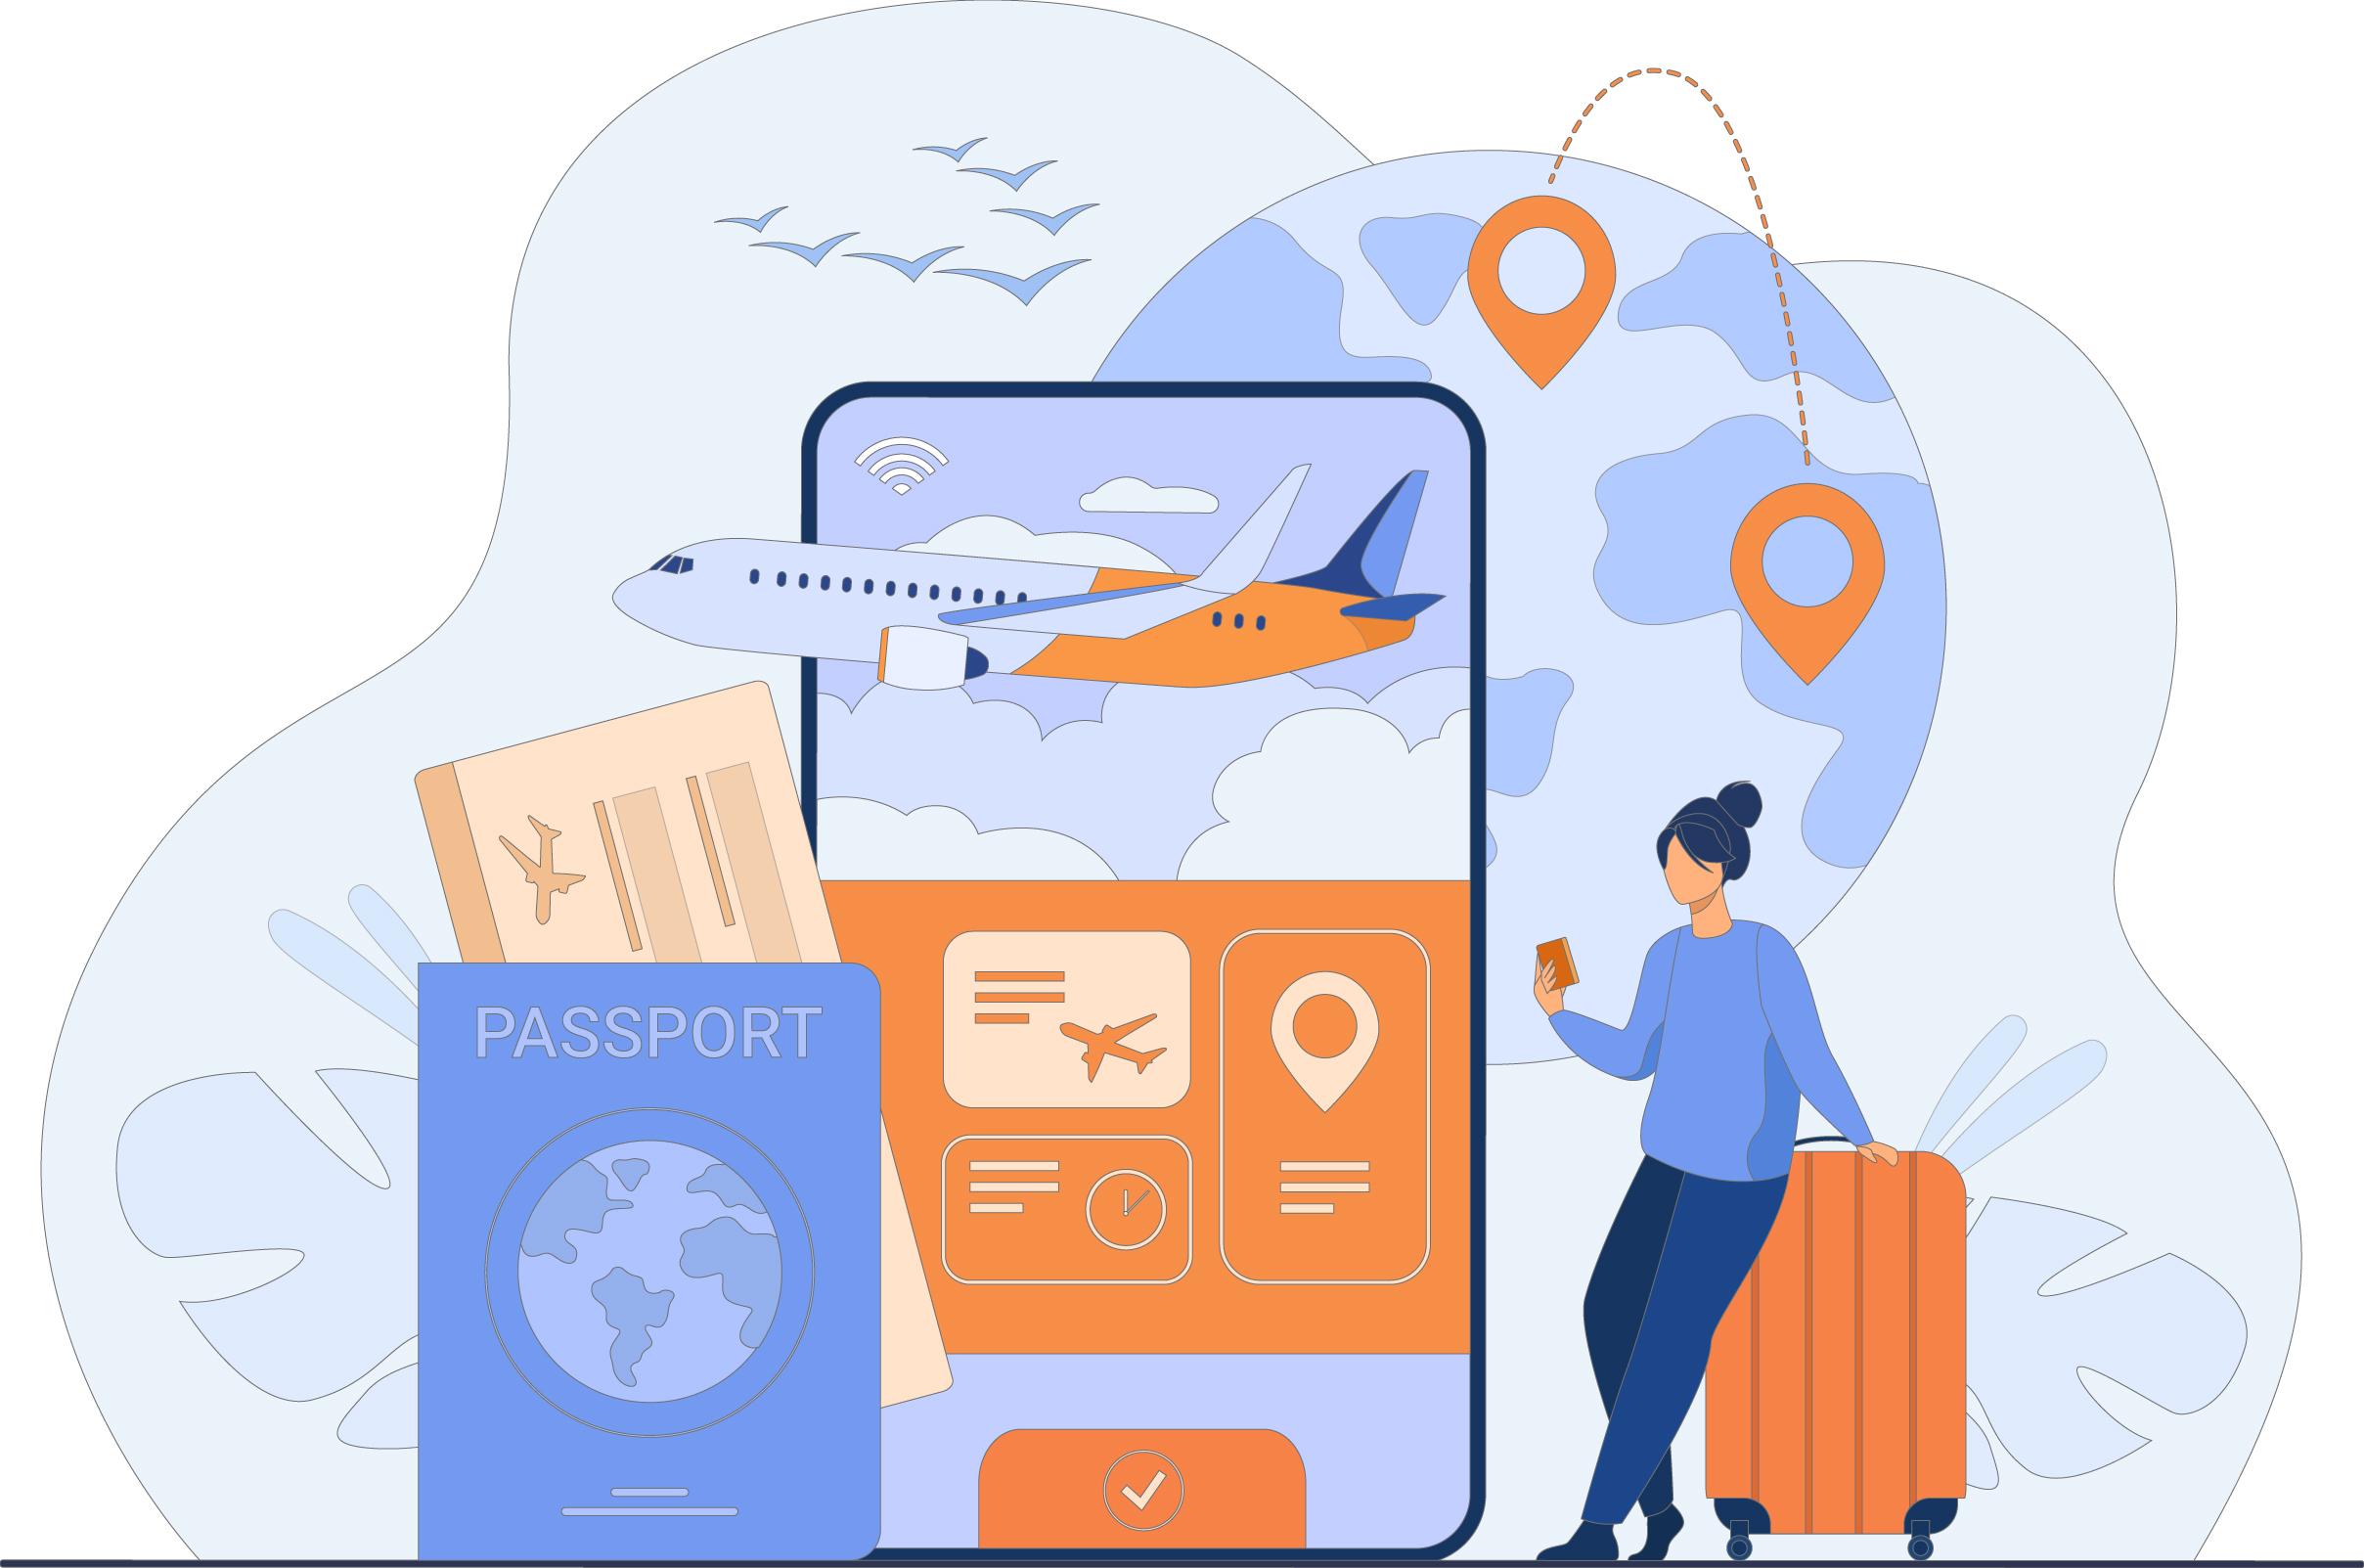 أنت الرابح دوماً مع خدمات حجز الطيران من سفرك السياحية!